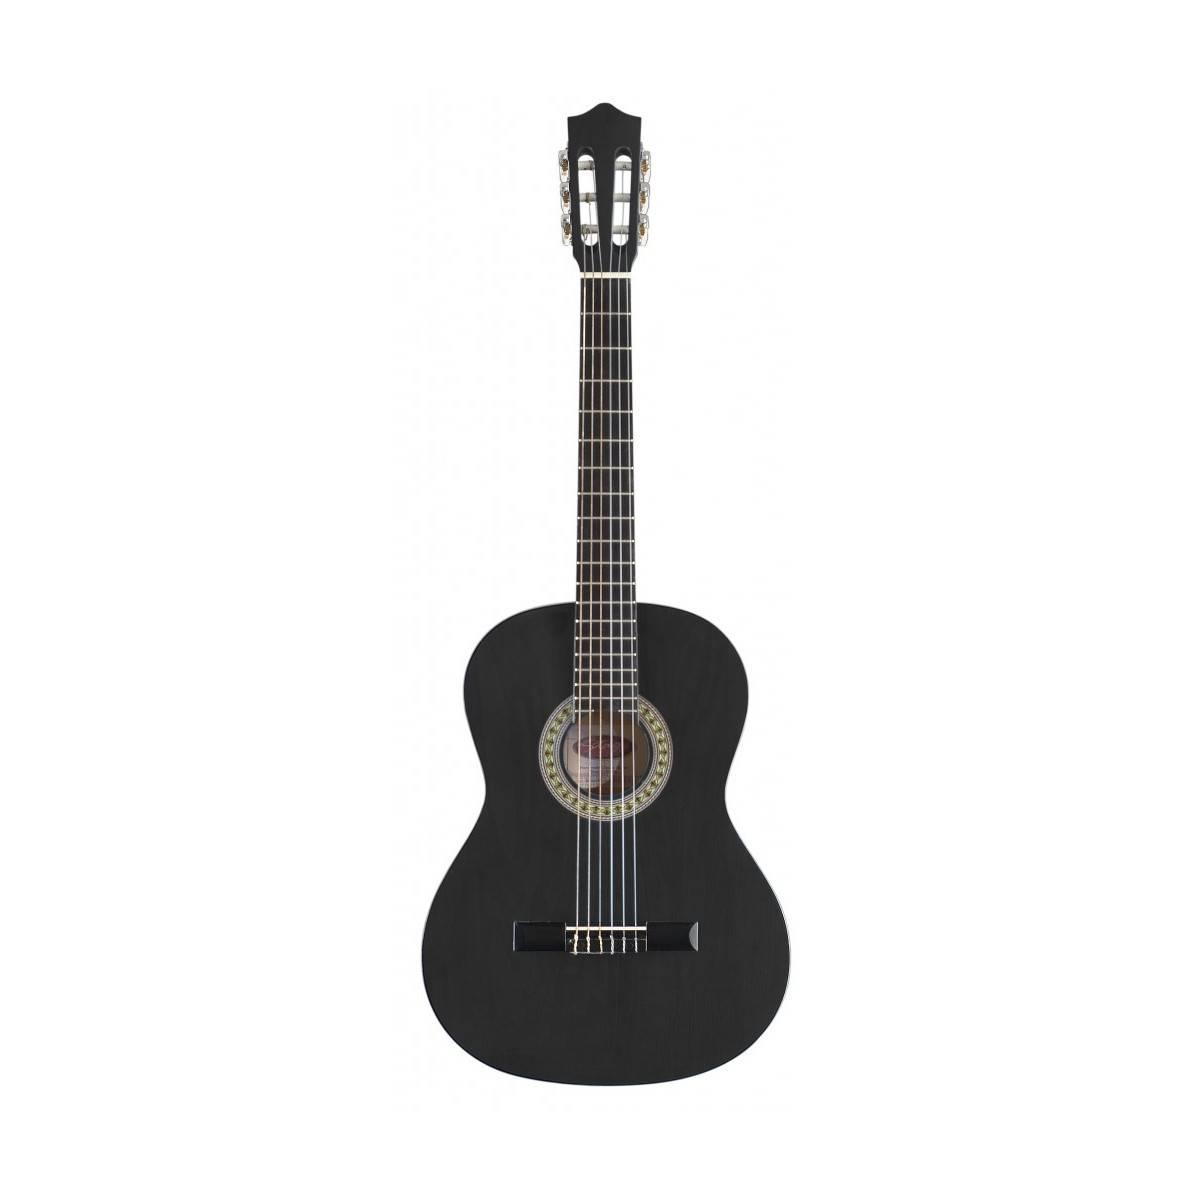 Guitare classique 3/4 Tilleul/Erable Noire